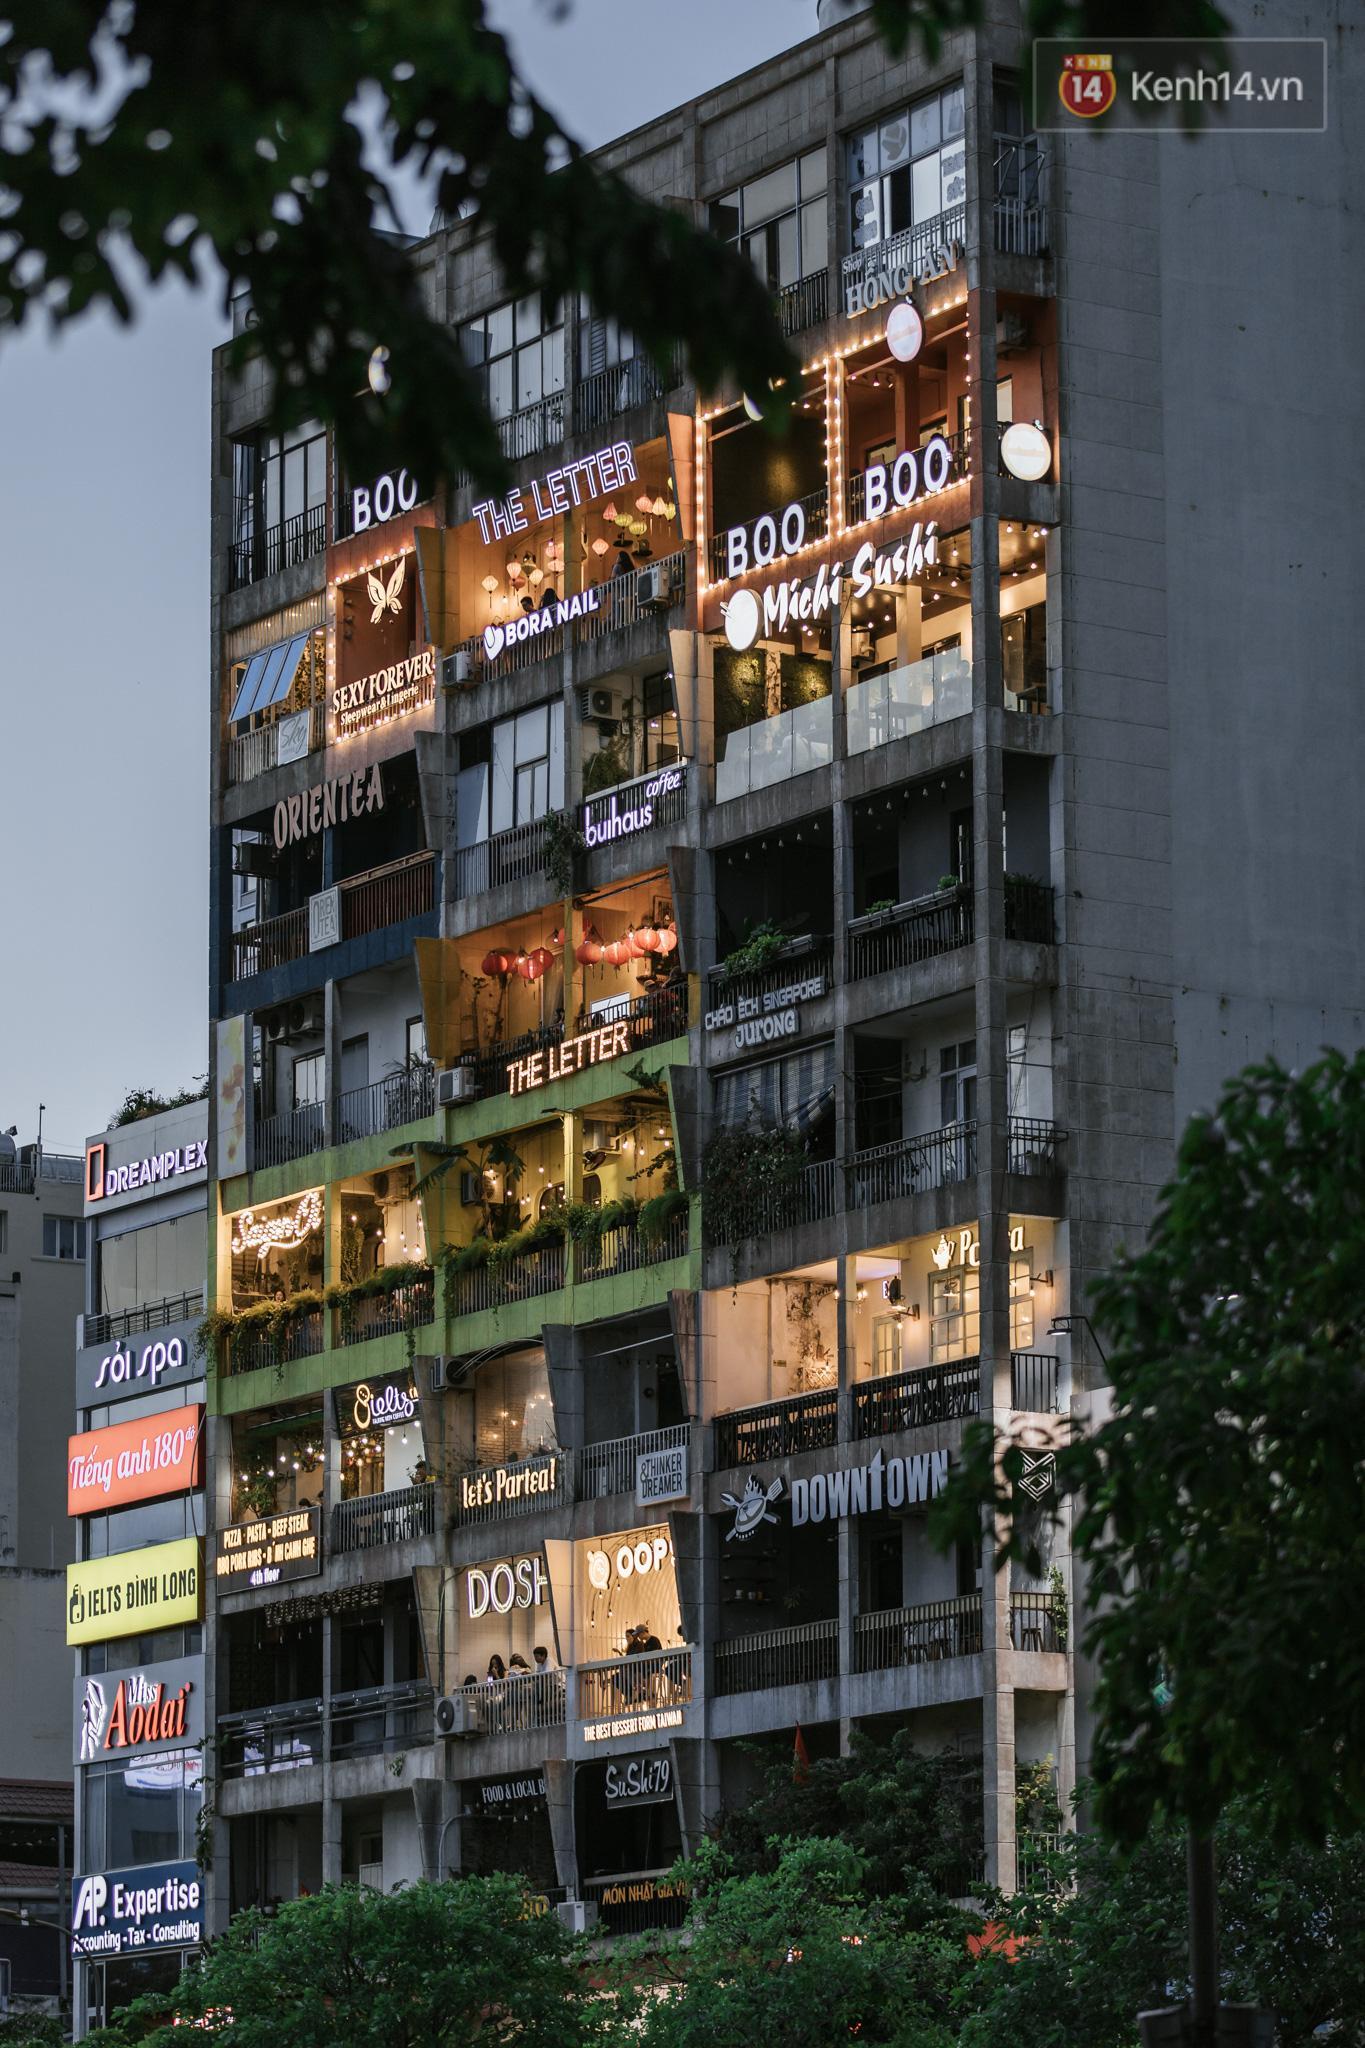 Sài Gòn nhộn nhịp trong buổi tối nghỉ lễ đầu tiên: Khu vực trung tâm dần trở nên đông đúc, nhiều người lo sợ vẫn 'kè kè' chiếc khẩu trang bên mình Ảnh 9